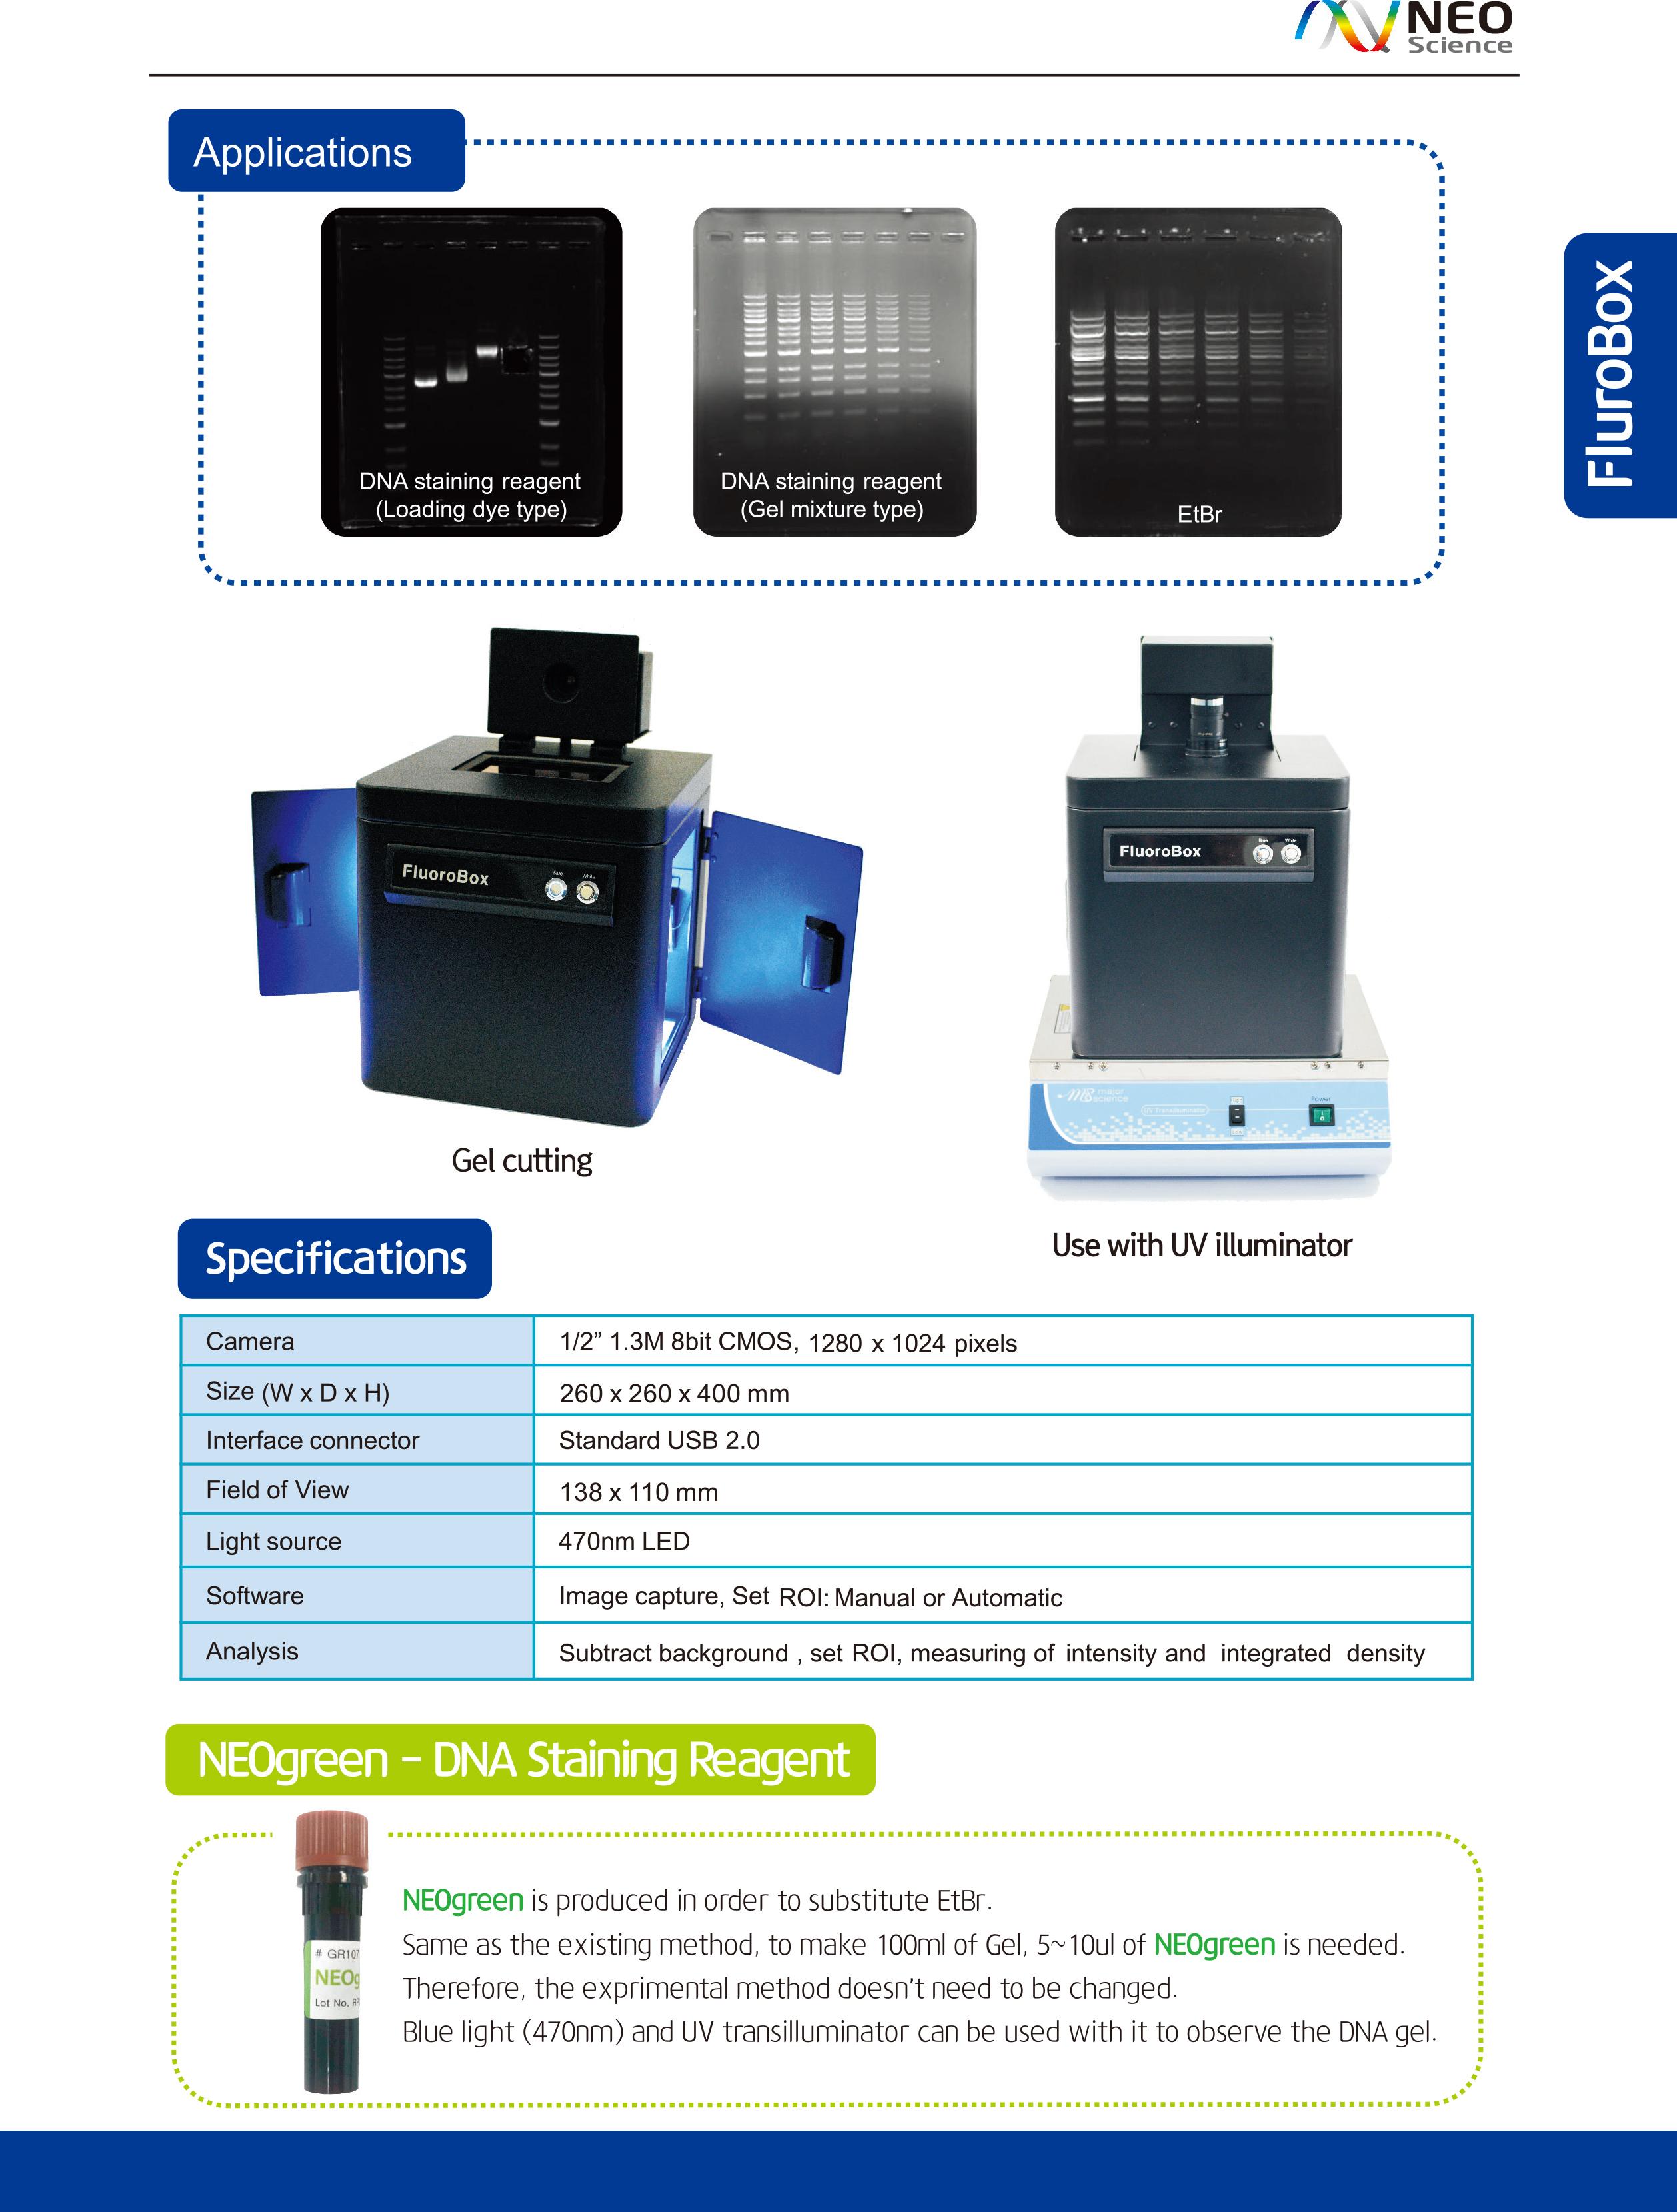 NeoScience - Brochure-11.jpg